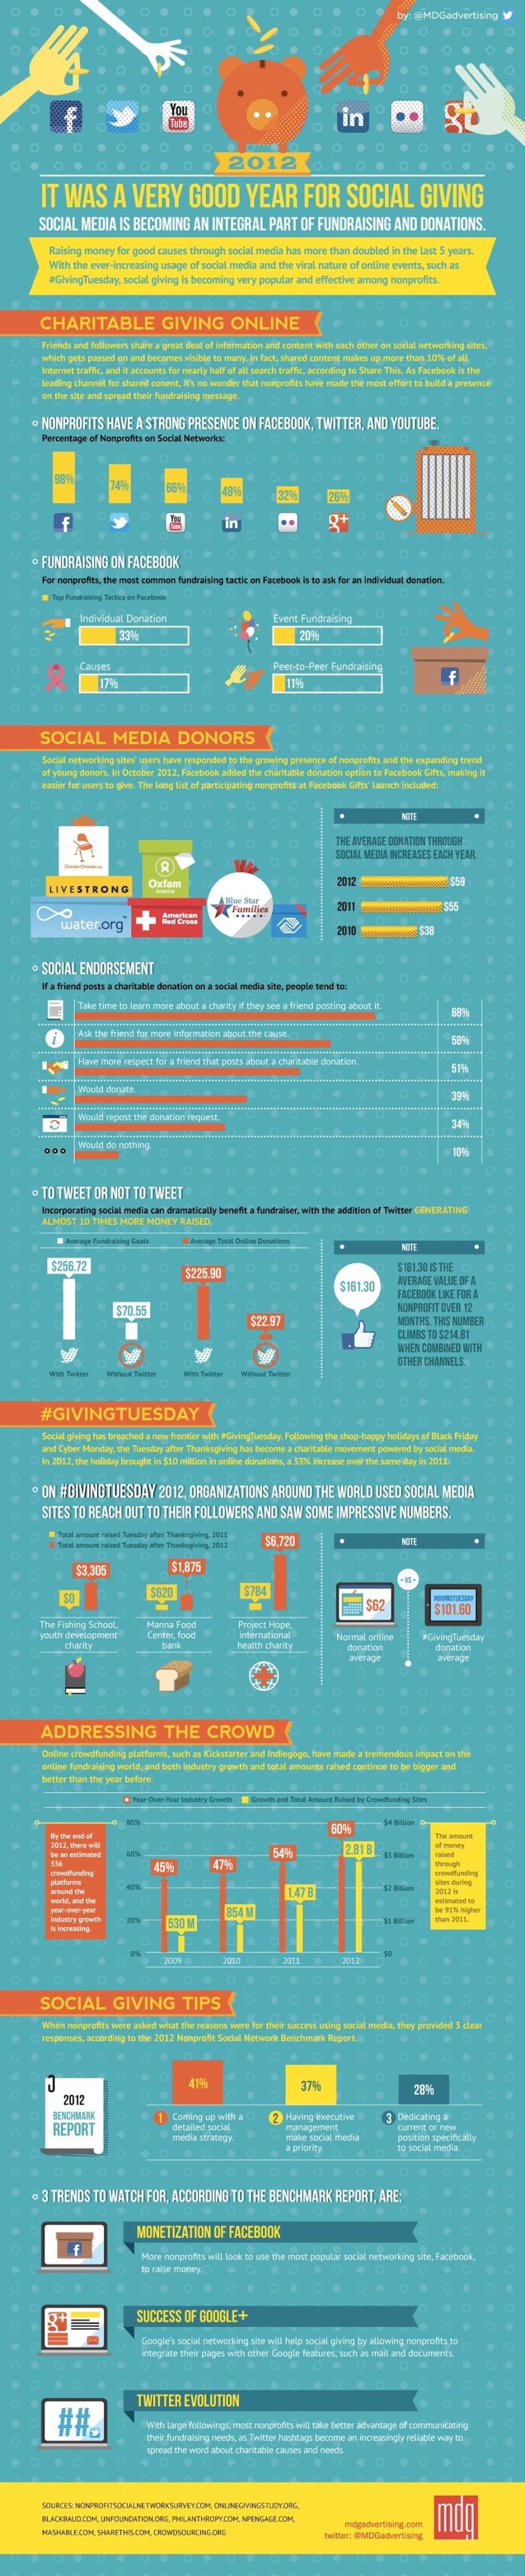 Las ONG's y las redes sociales en 2012